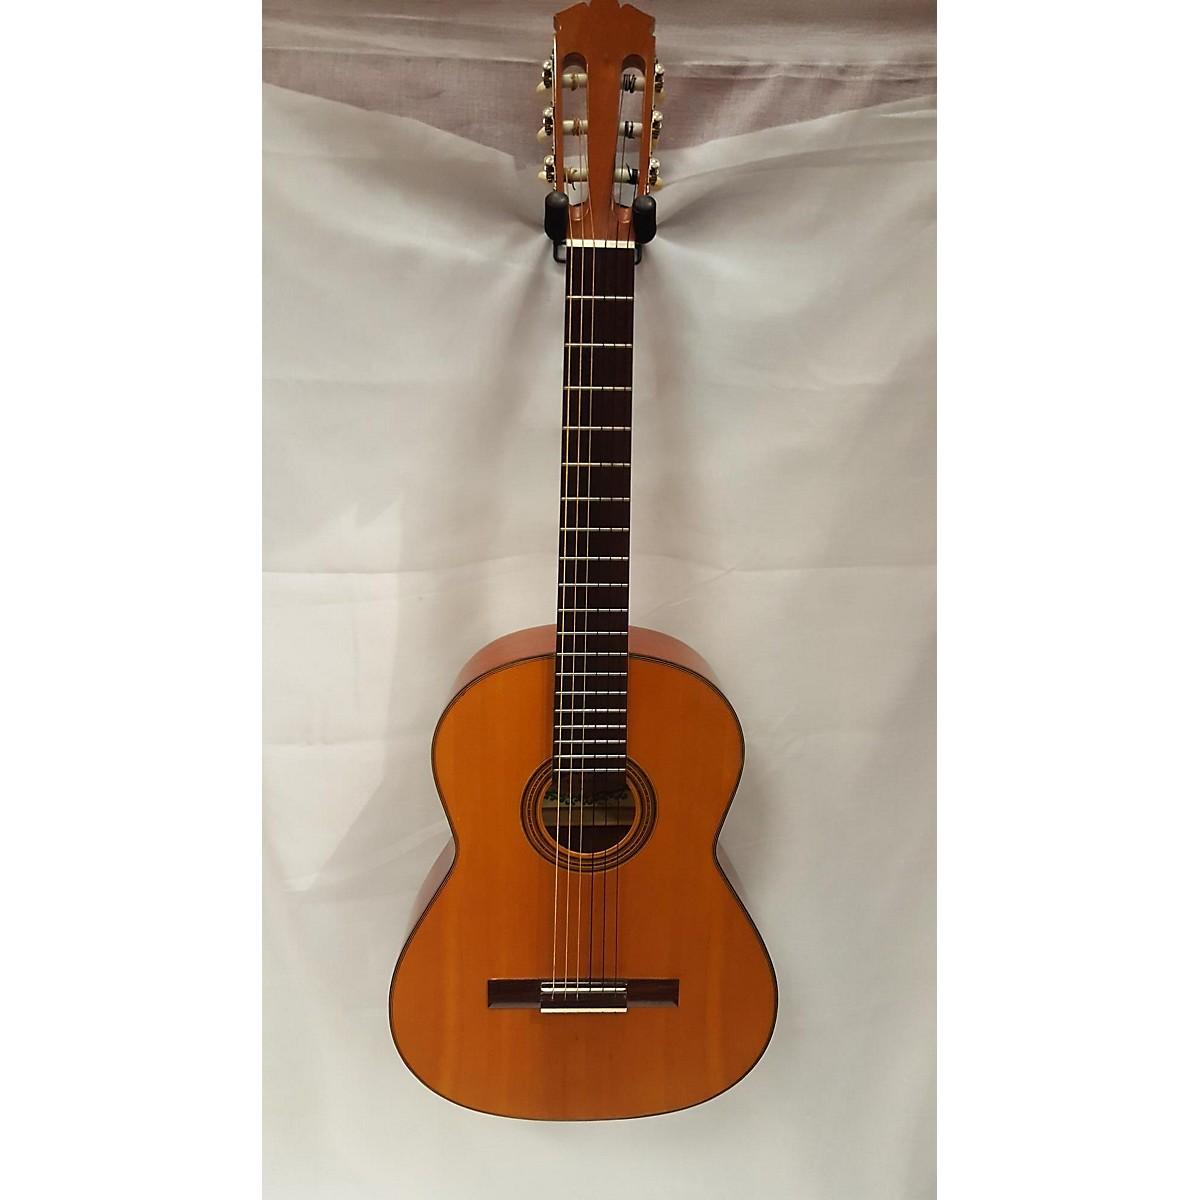 Tokai 1960s MODEL 50 Classical Acoustic Guitar